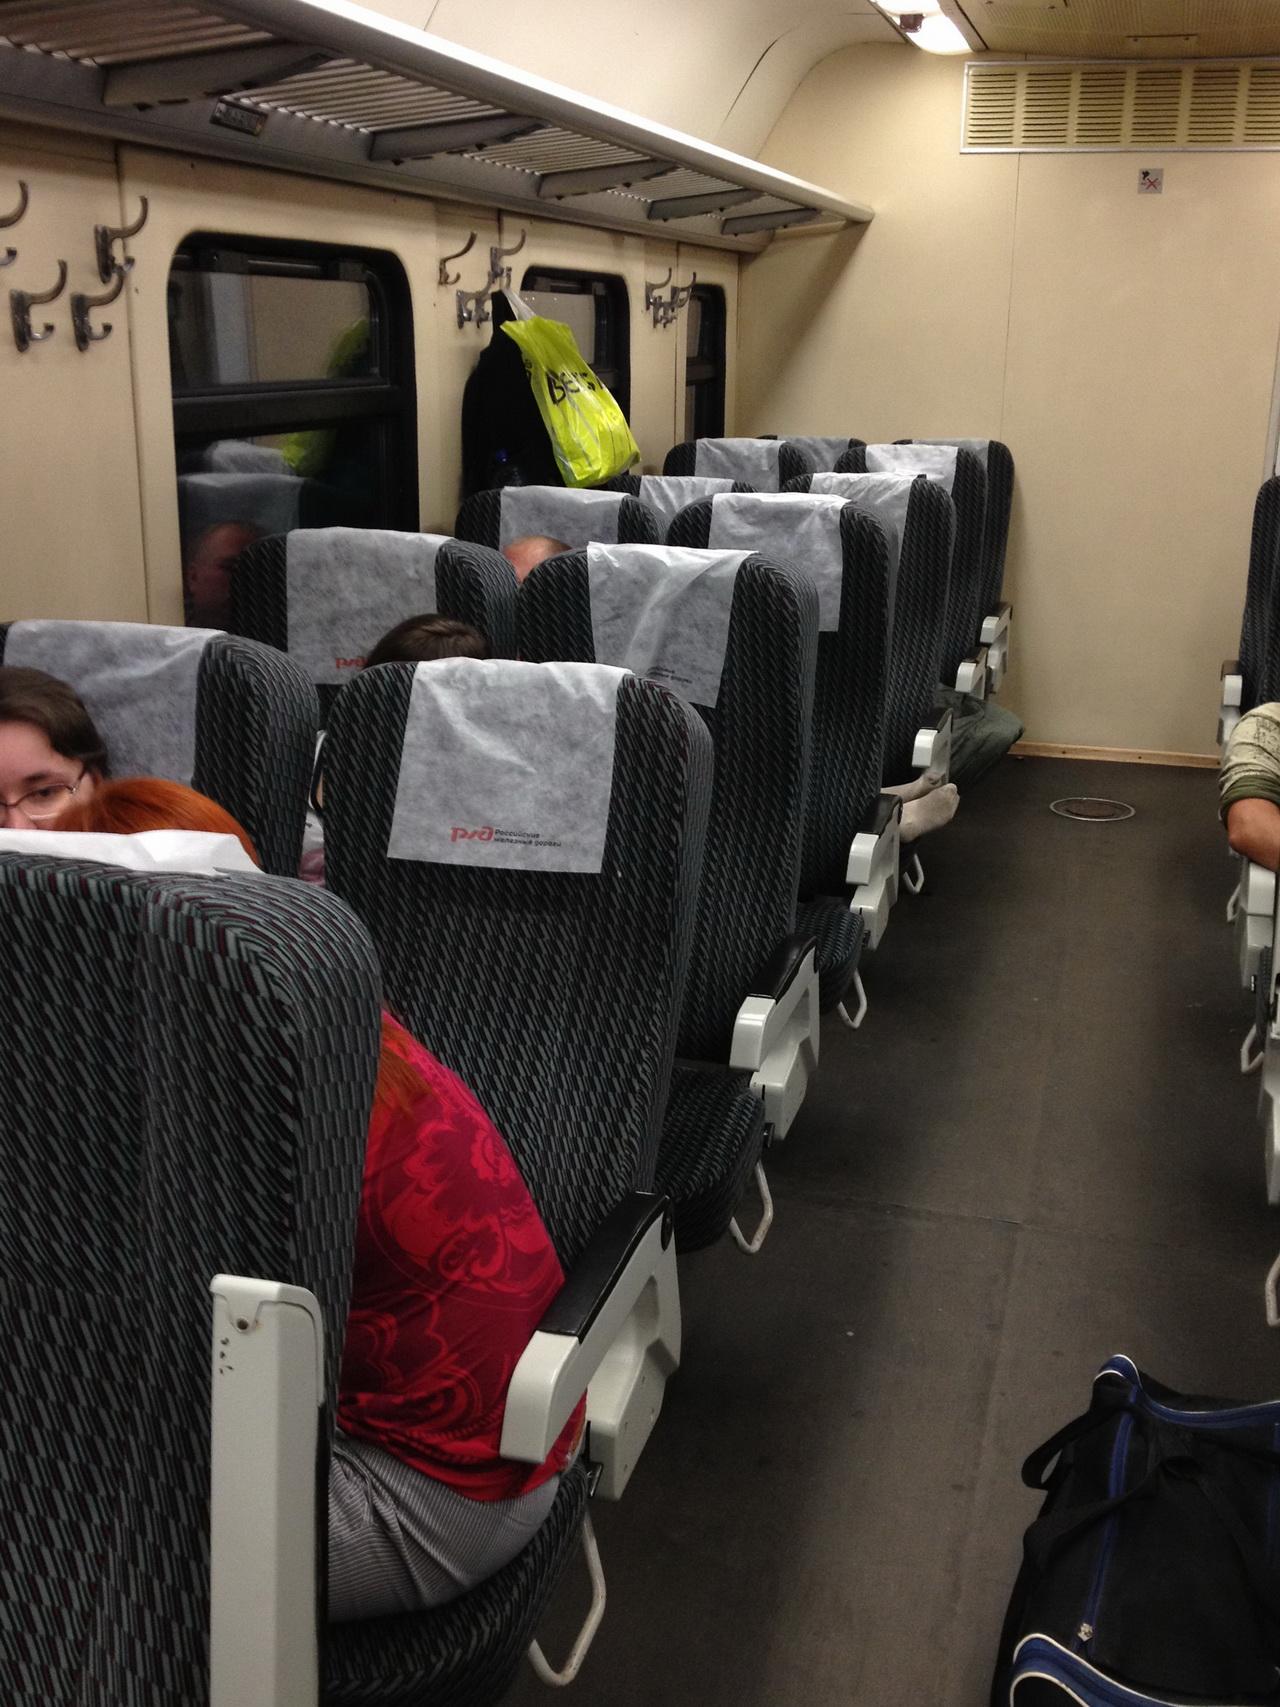 Сидячие места в поезде Муром-Москва